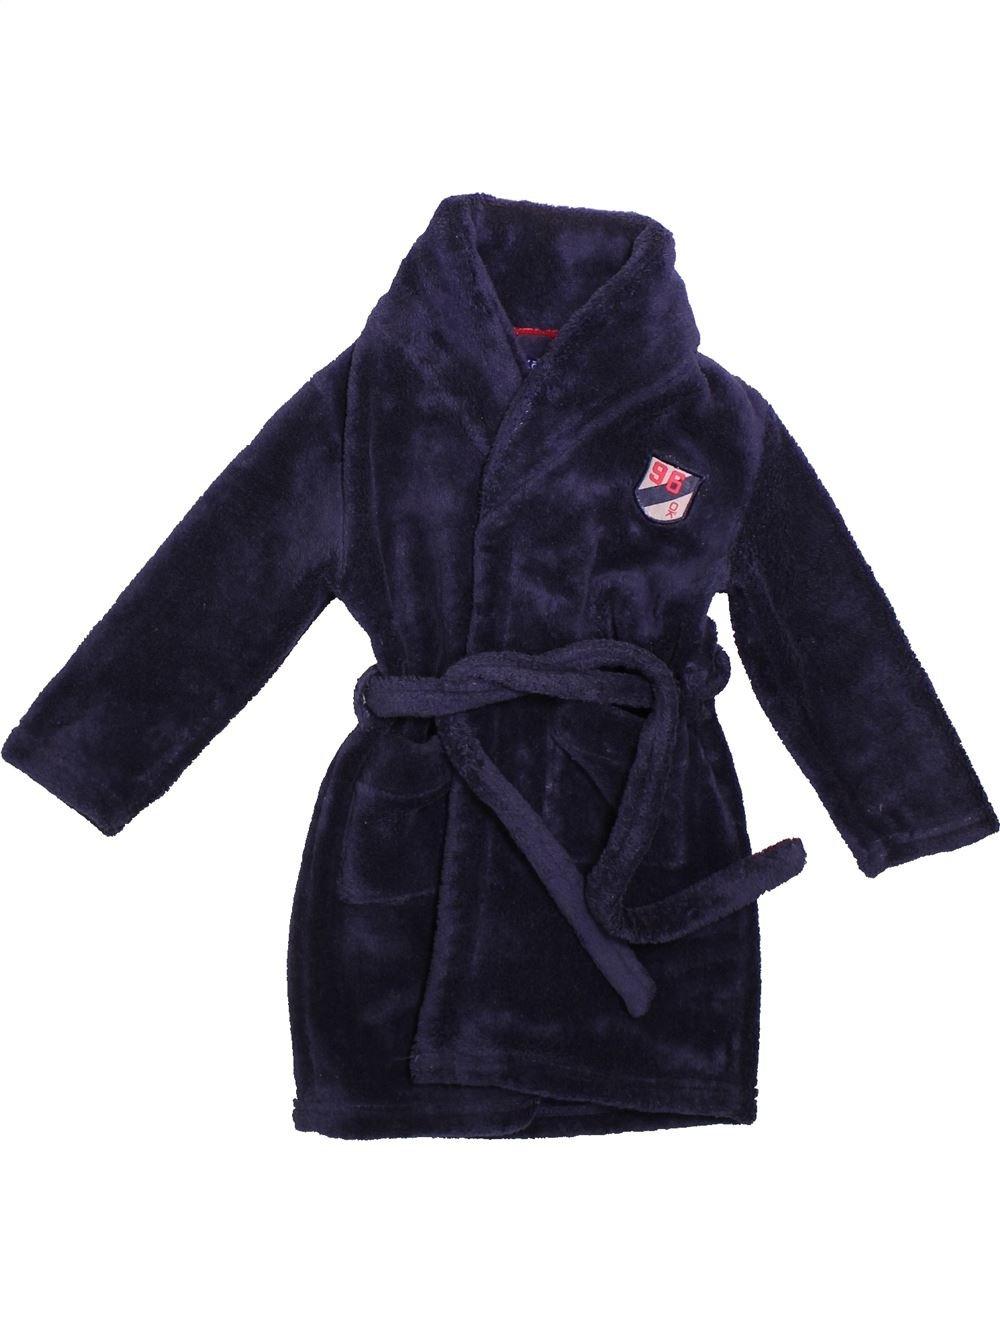 Robe De Chambre Garçon Okaidi 2 Ans Pas Cher, 4.75 concernant Robe De Chambre Garçon 12 Ans